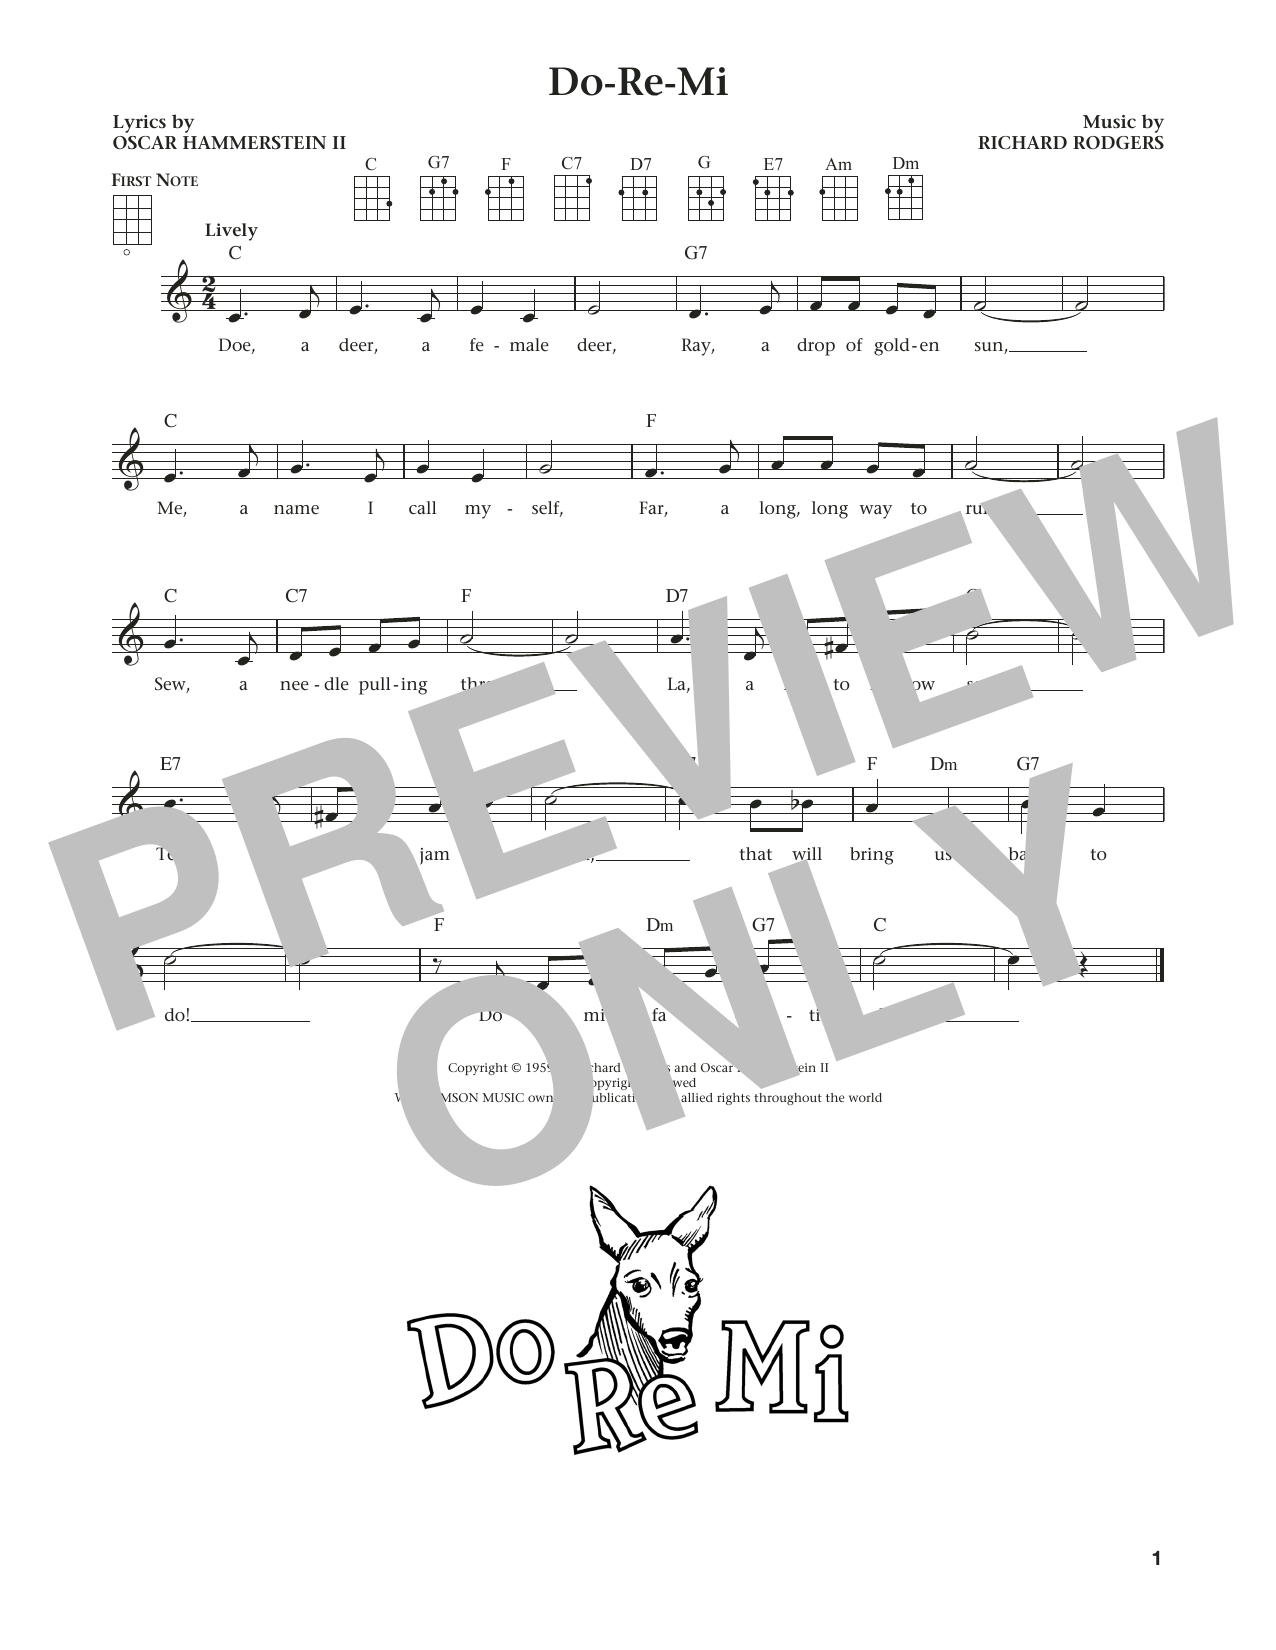 Do-Re-Mi (from The Daily Ukulele) (arr. Liz and Jim Beloff) (Ukulele)